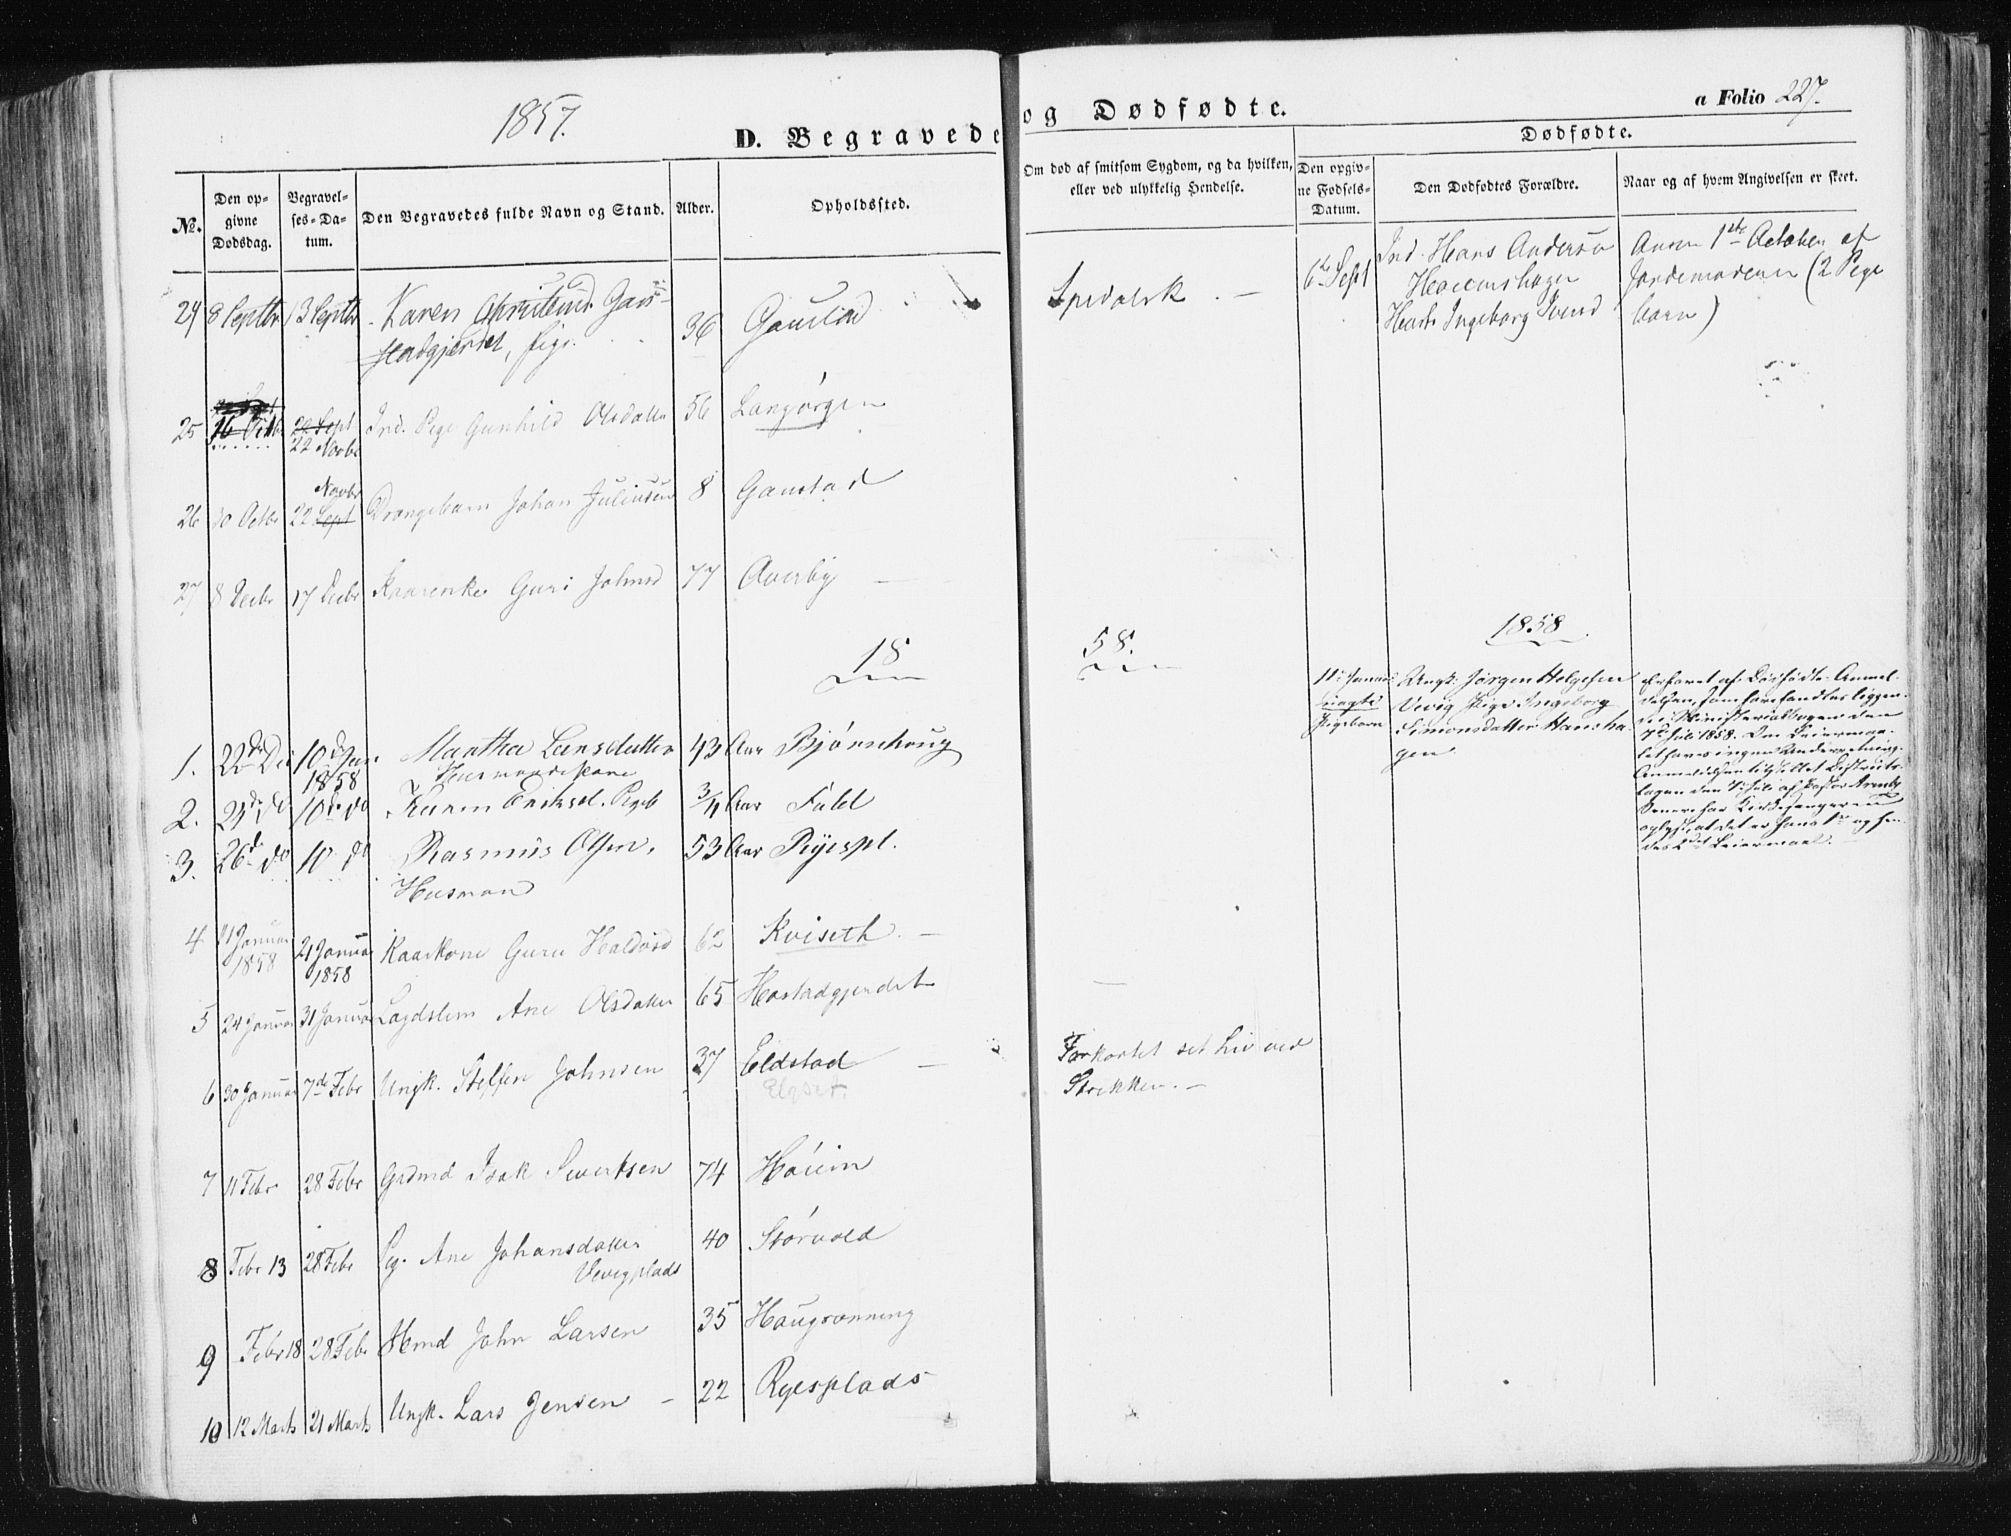 SAT, Ministerialprotokoller, klokkerbøker og fødselsregistre - Sør-Trøndelag, 612/L0376: Ministerialbok nr. 612A08, 1846-1859, s. 227